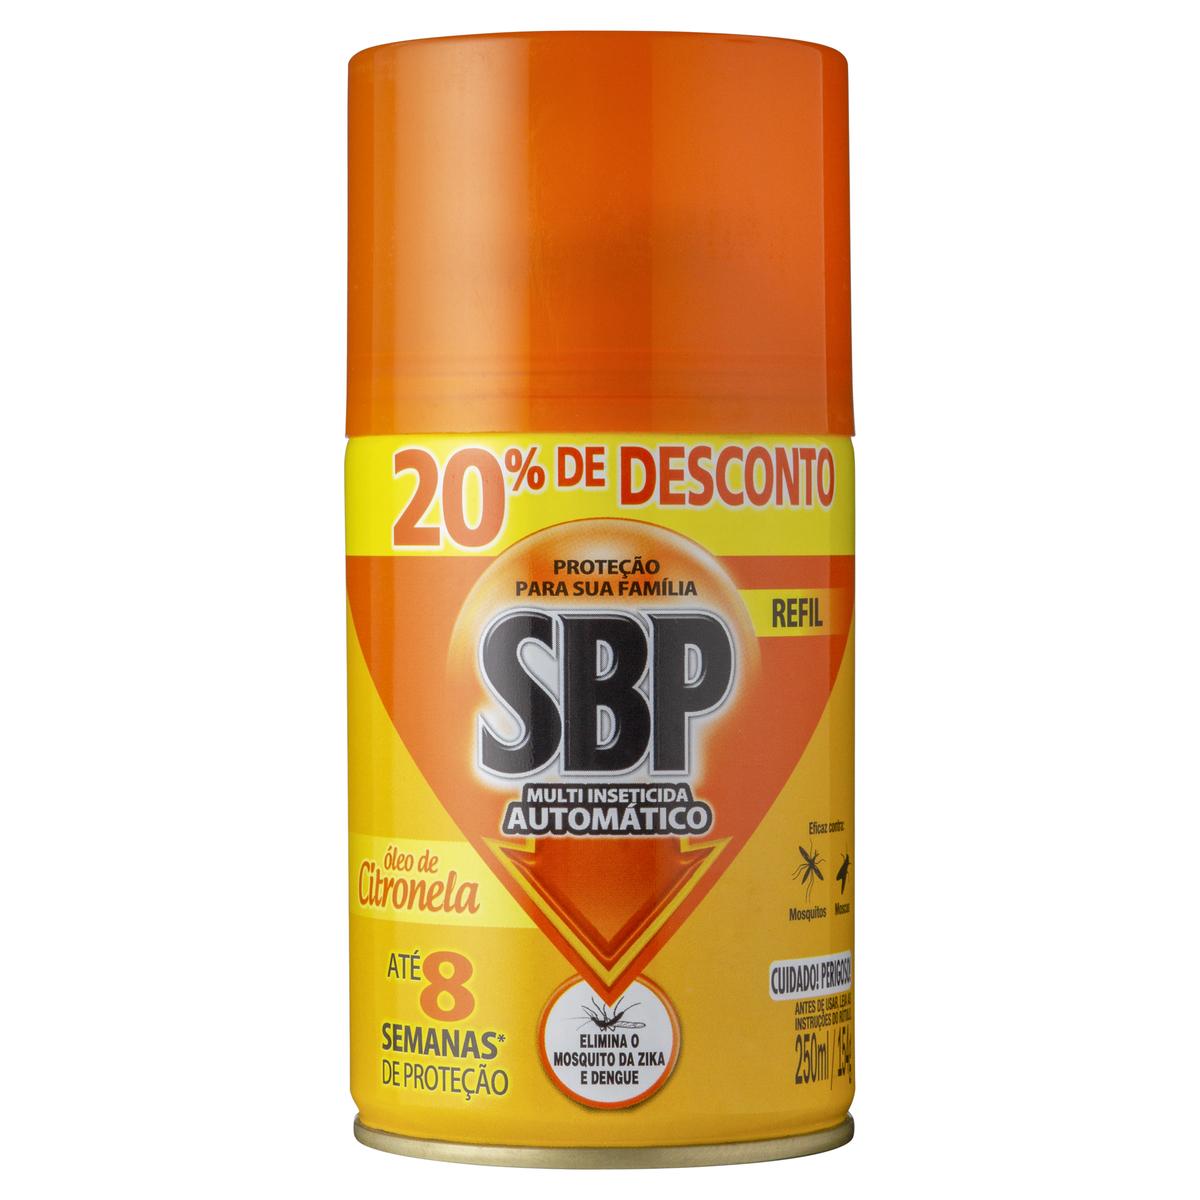 SBP AUTOM CITRON 20%DESC RF1X250ML(6)